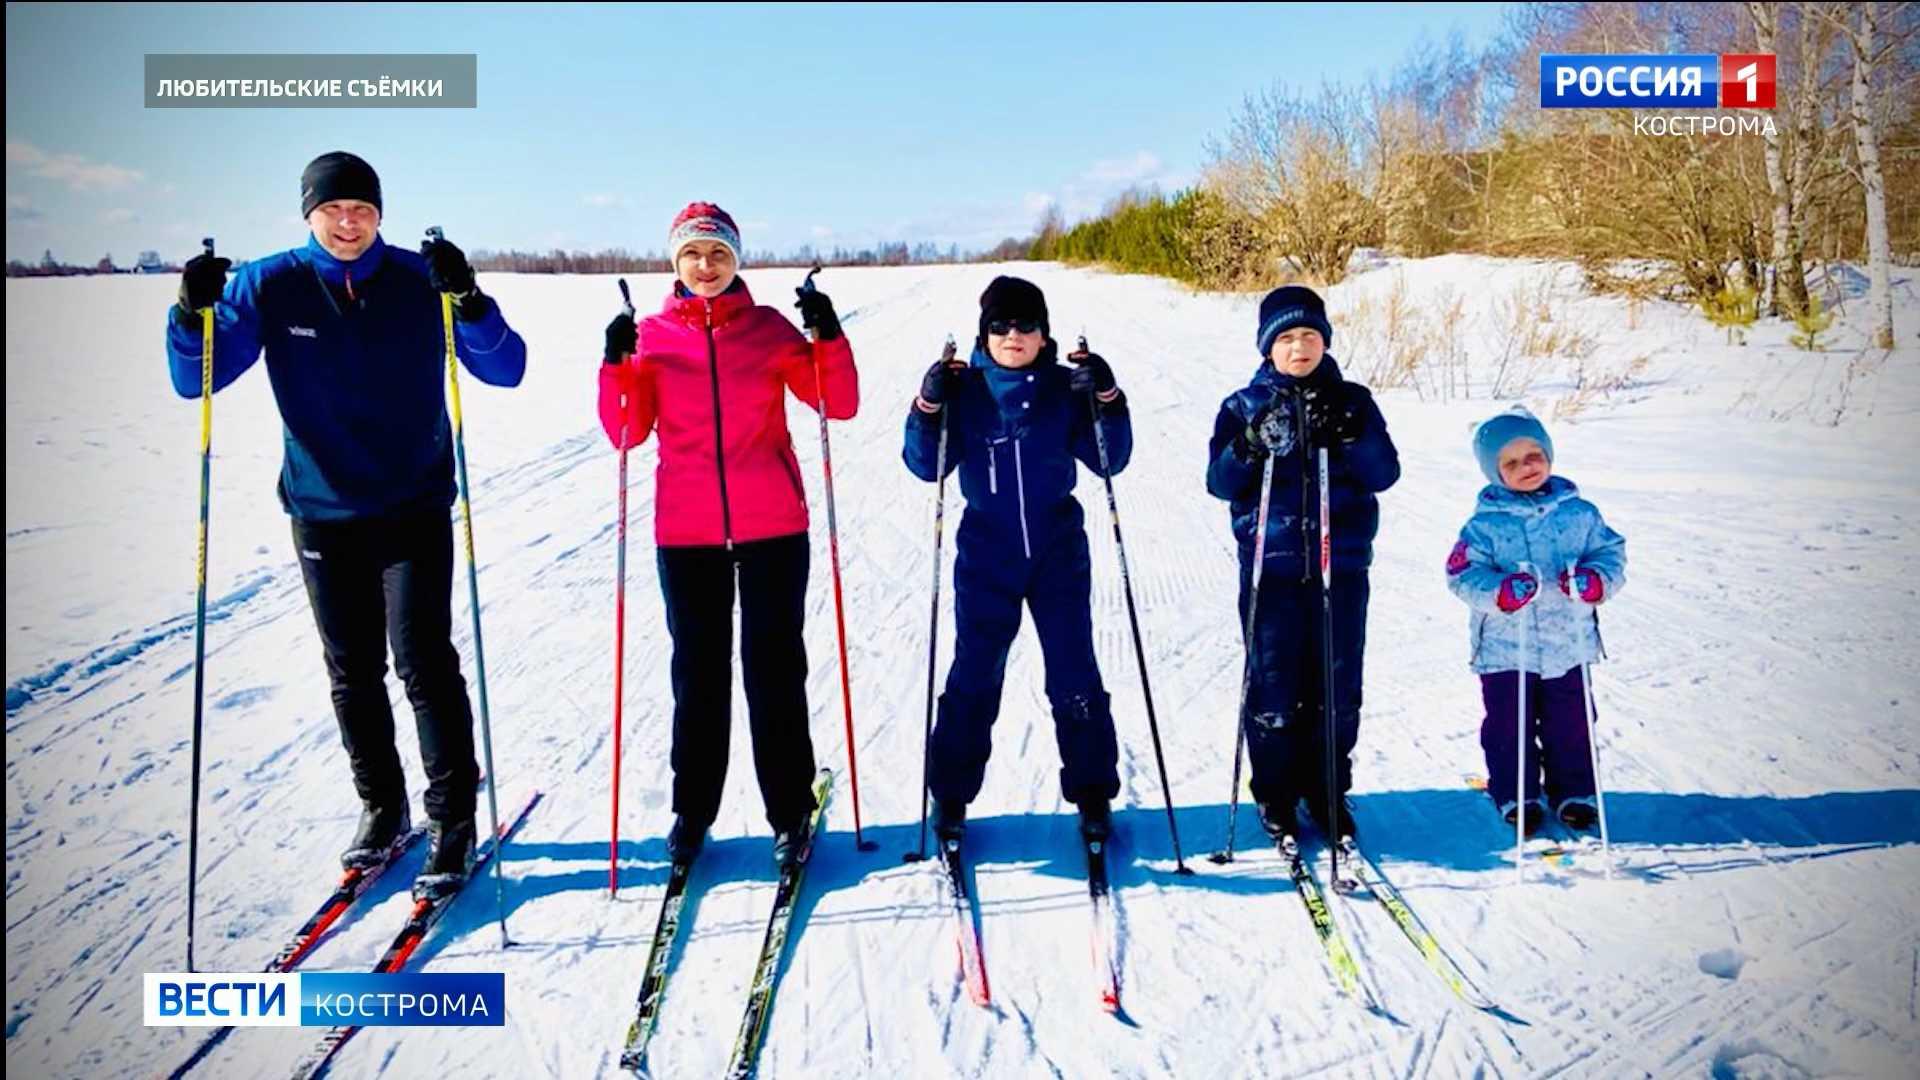 Костромичи на лыжах трижды обогнули земной шар за сезон